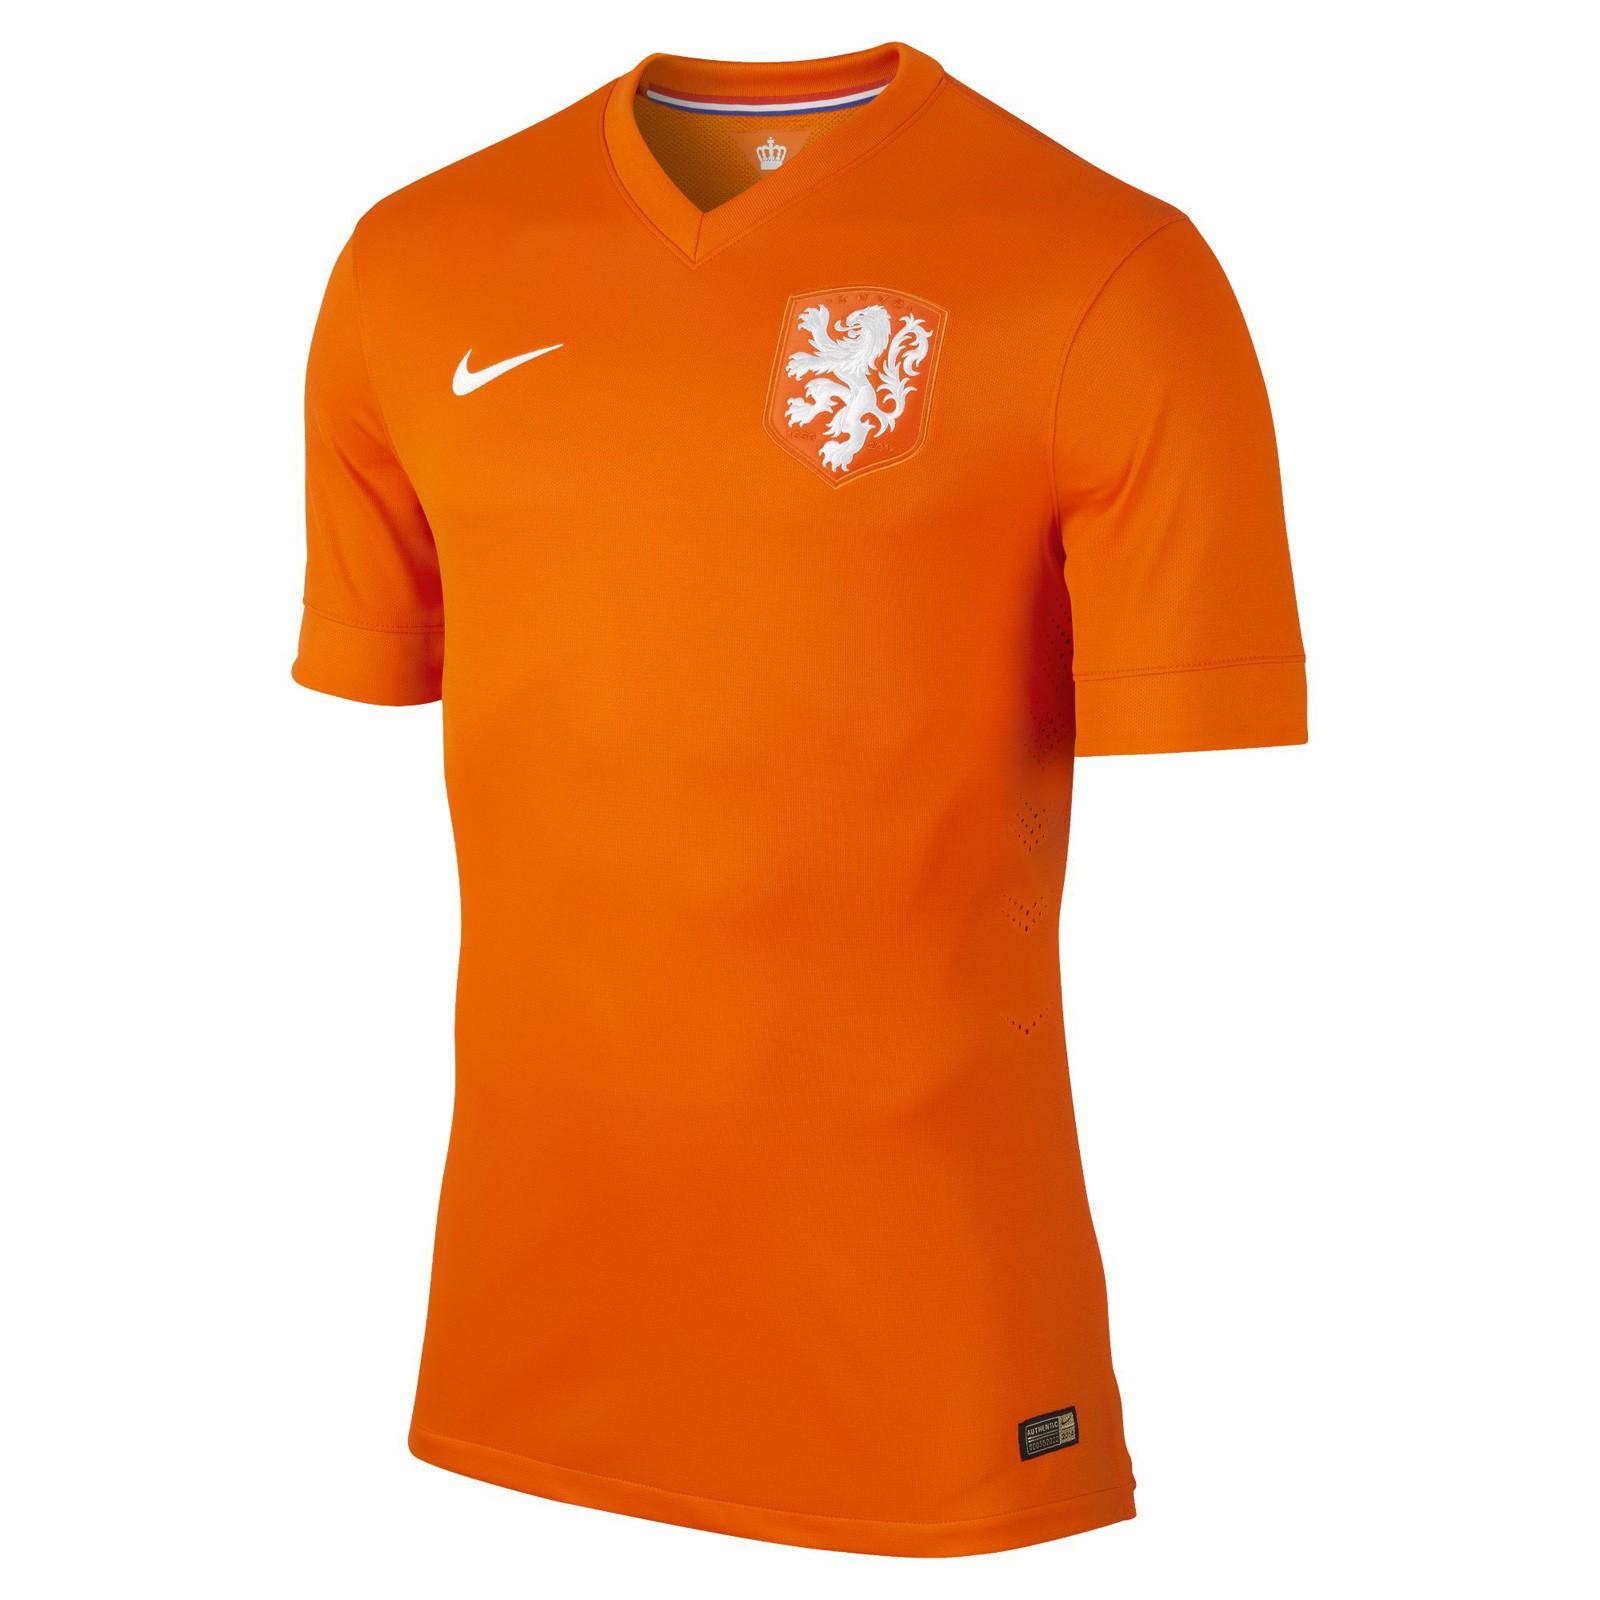 荷兰国家队2014世界杯球员版主场球衣